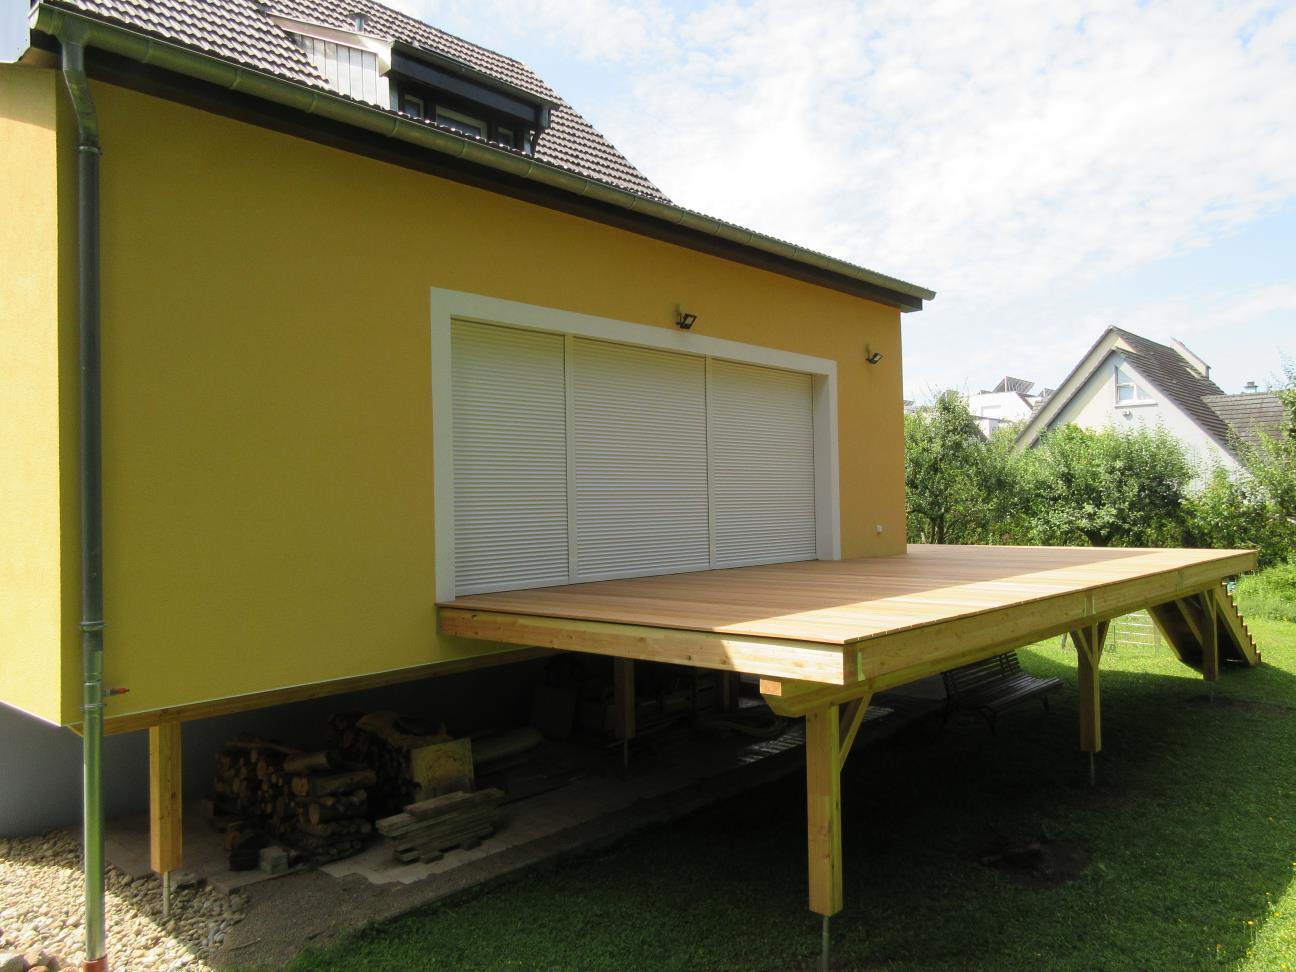 Vue d'ensemble de la terrasse bois et de l'extension réalisées par Hemia